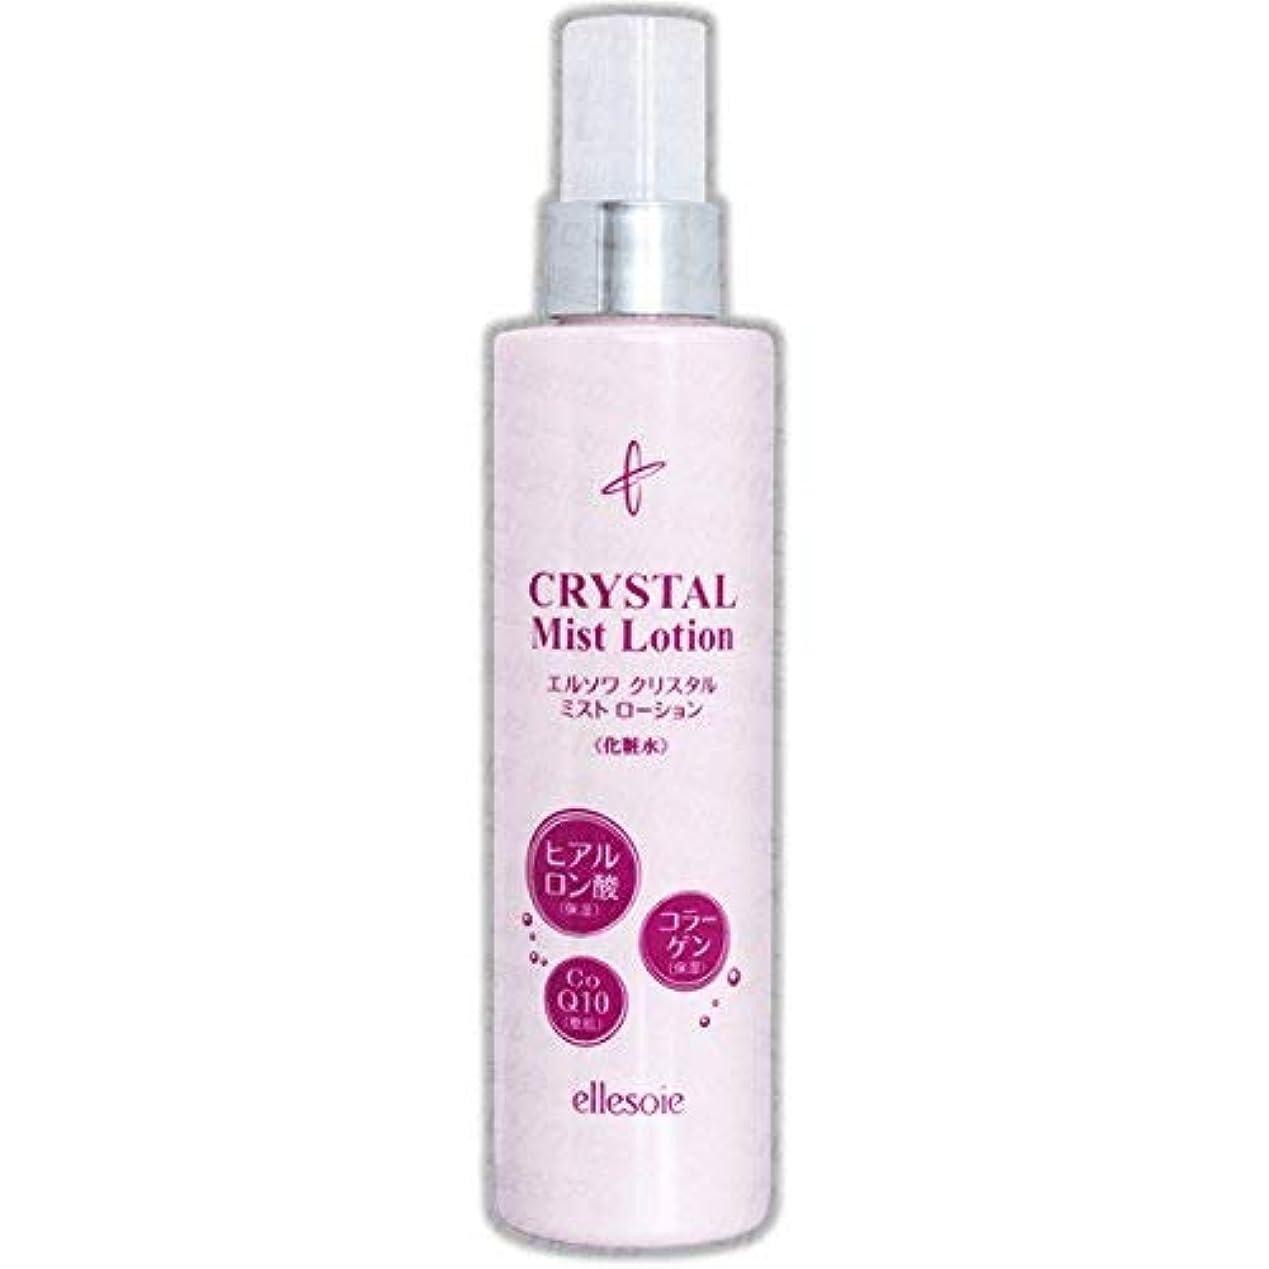 期限切れ掃除サルベージエルソワ化粧品(ellesoie) クリスタル ミストローション 化粧水